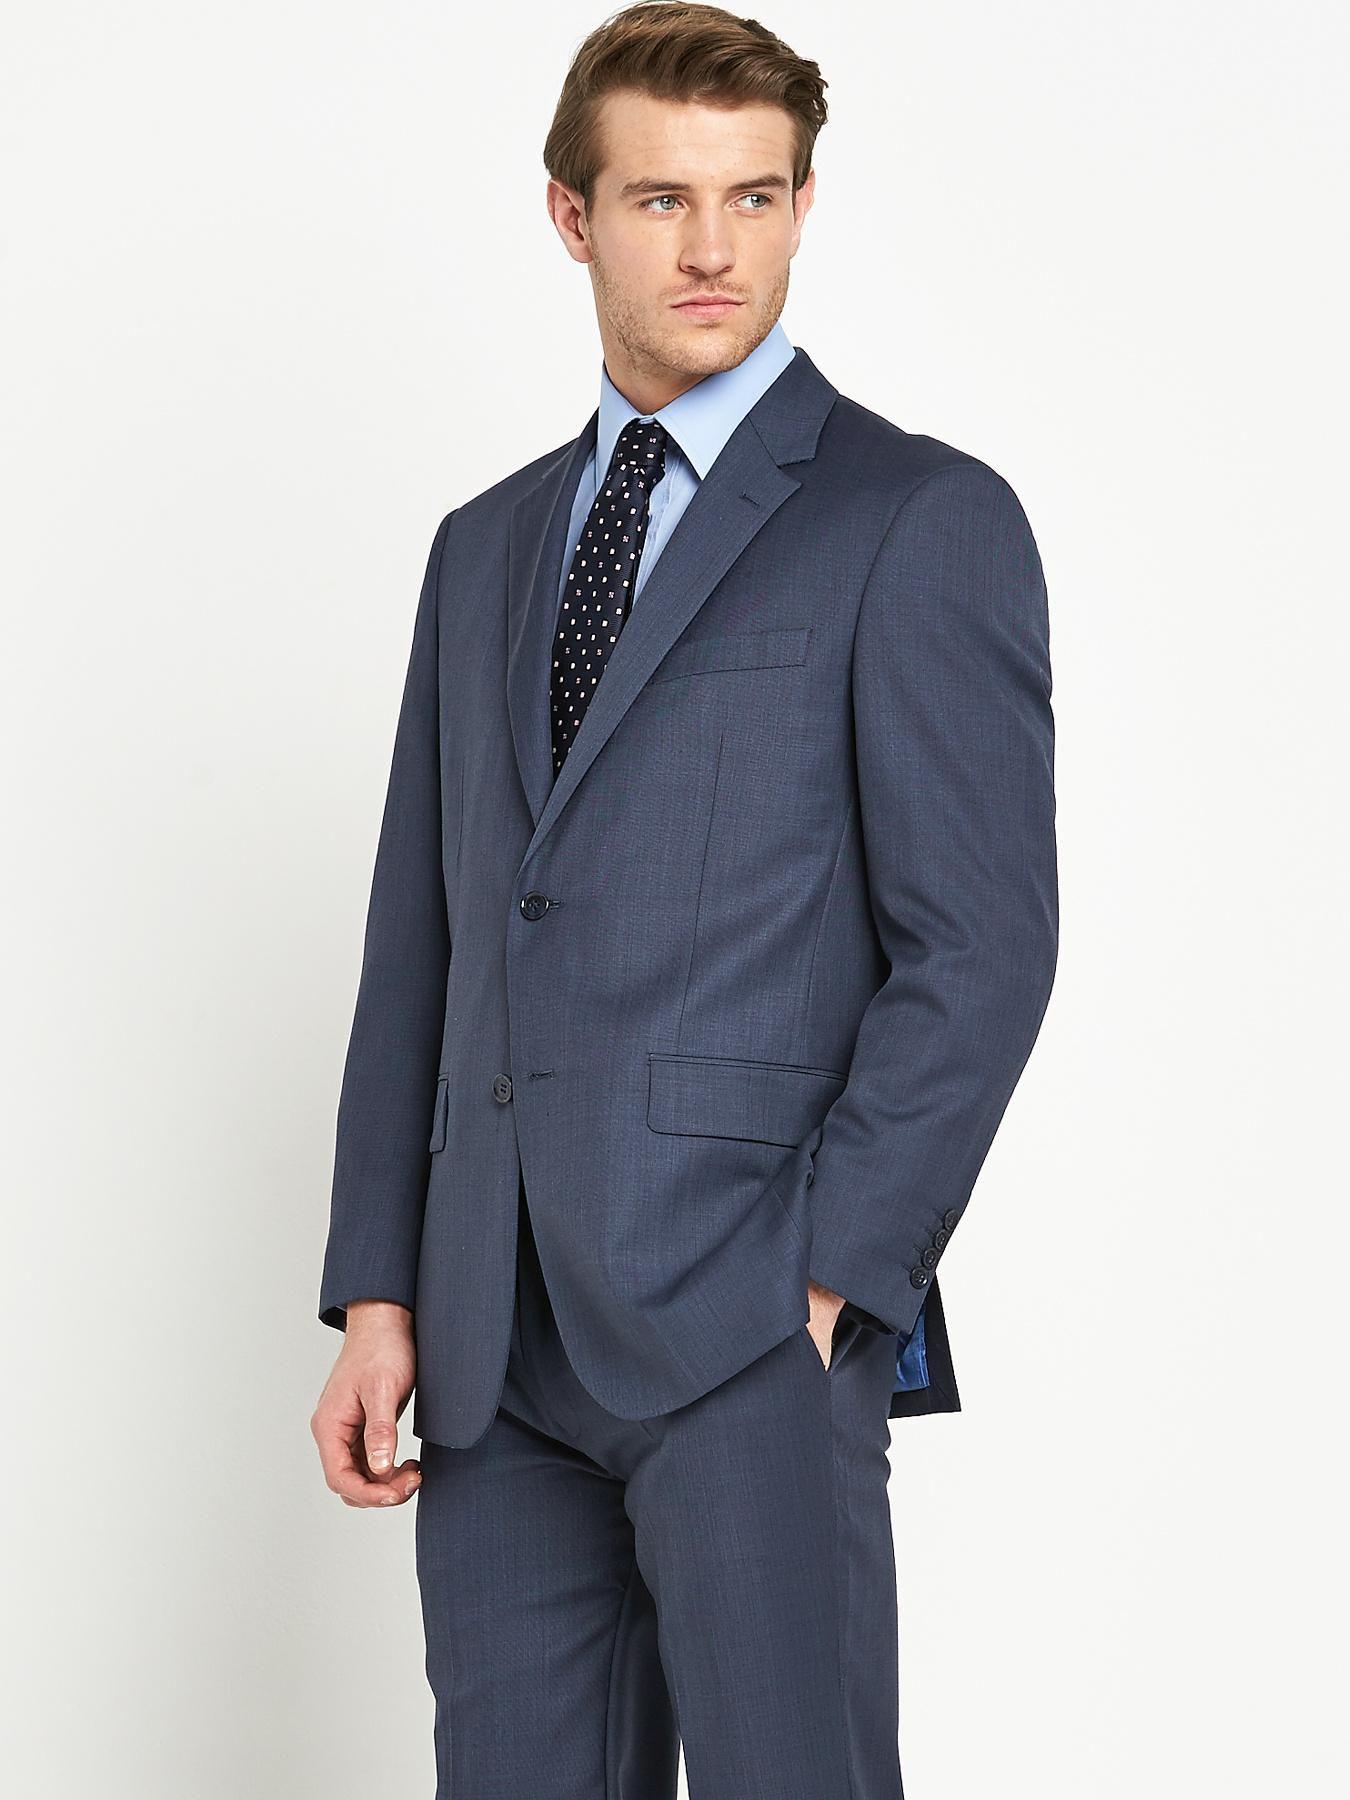 Skopes Mens Palmer Commuter Suit Jacket Littlewoods The